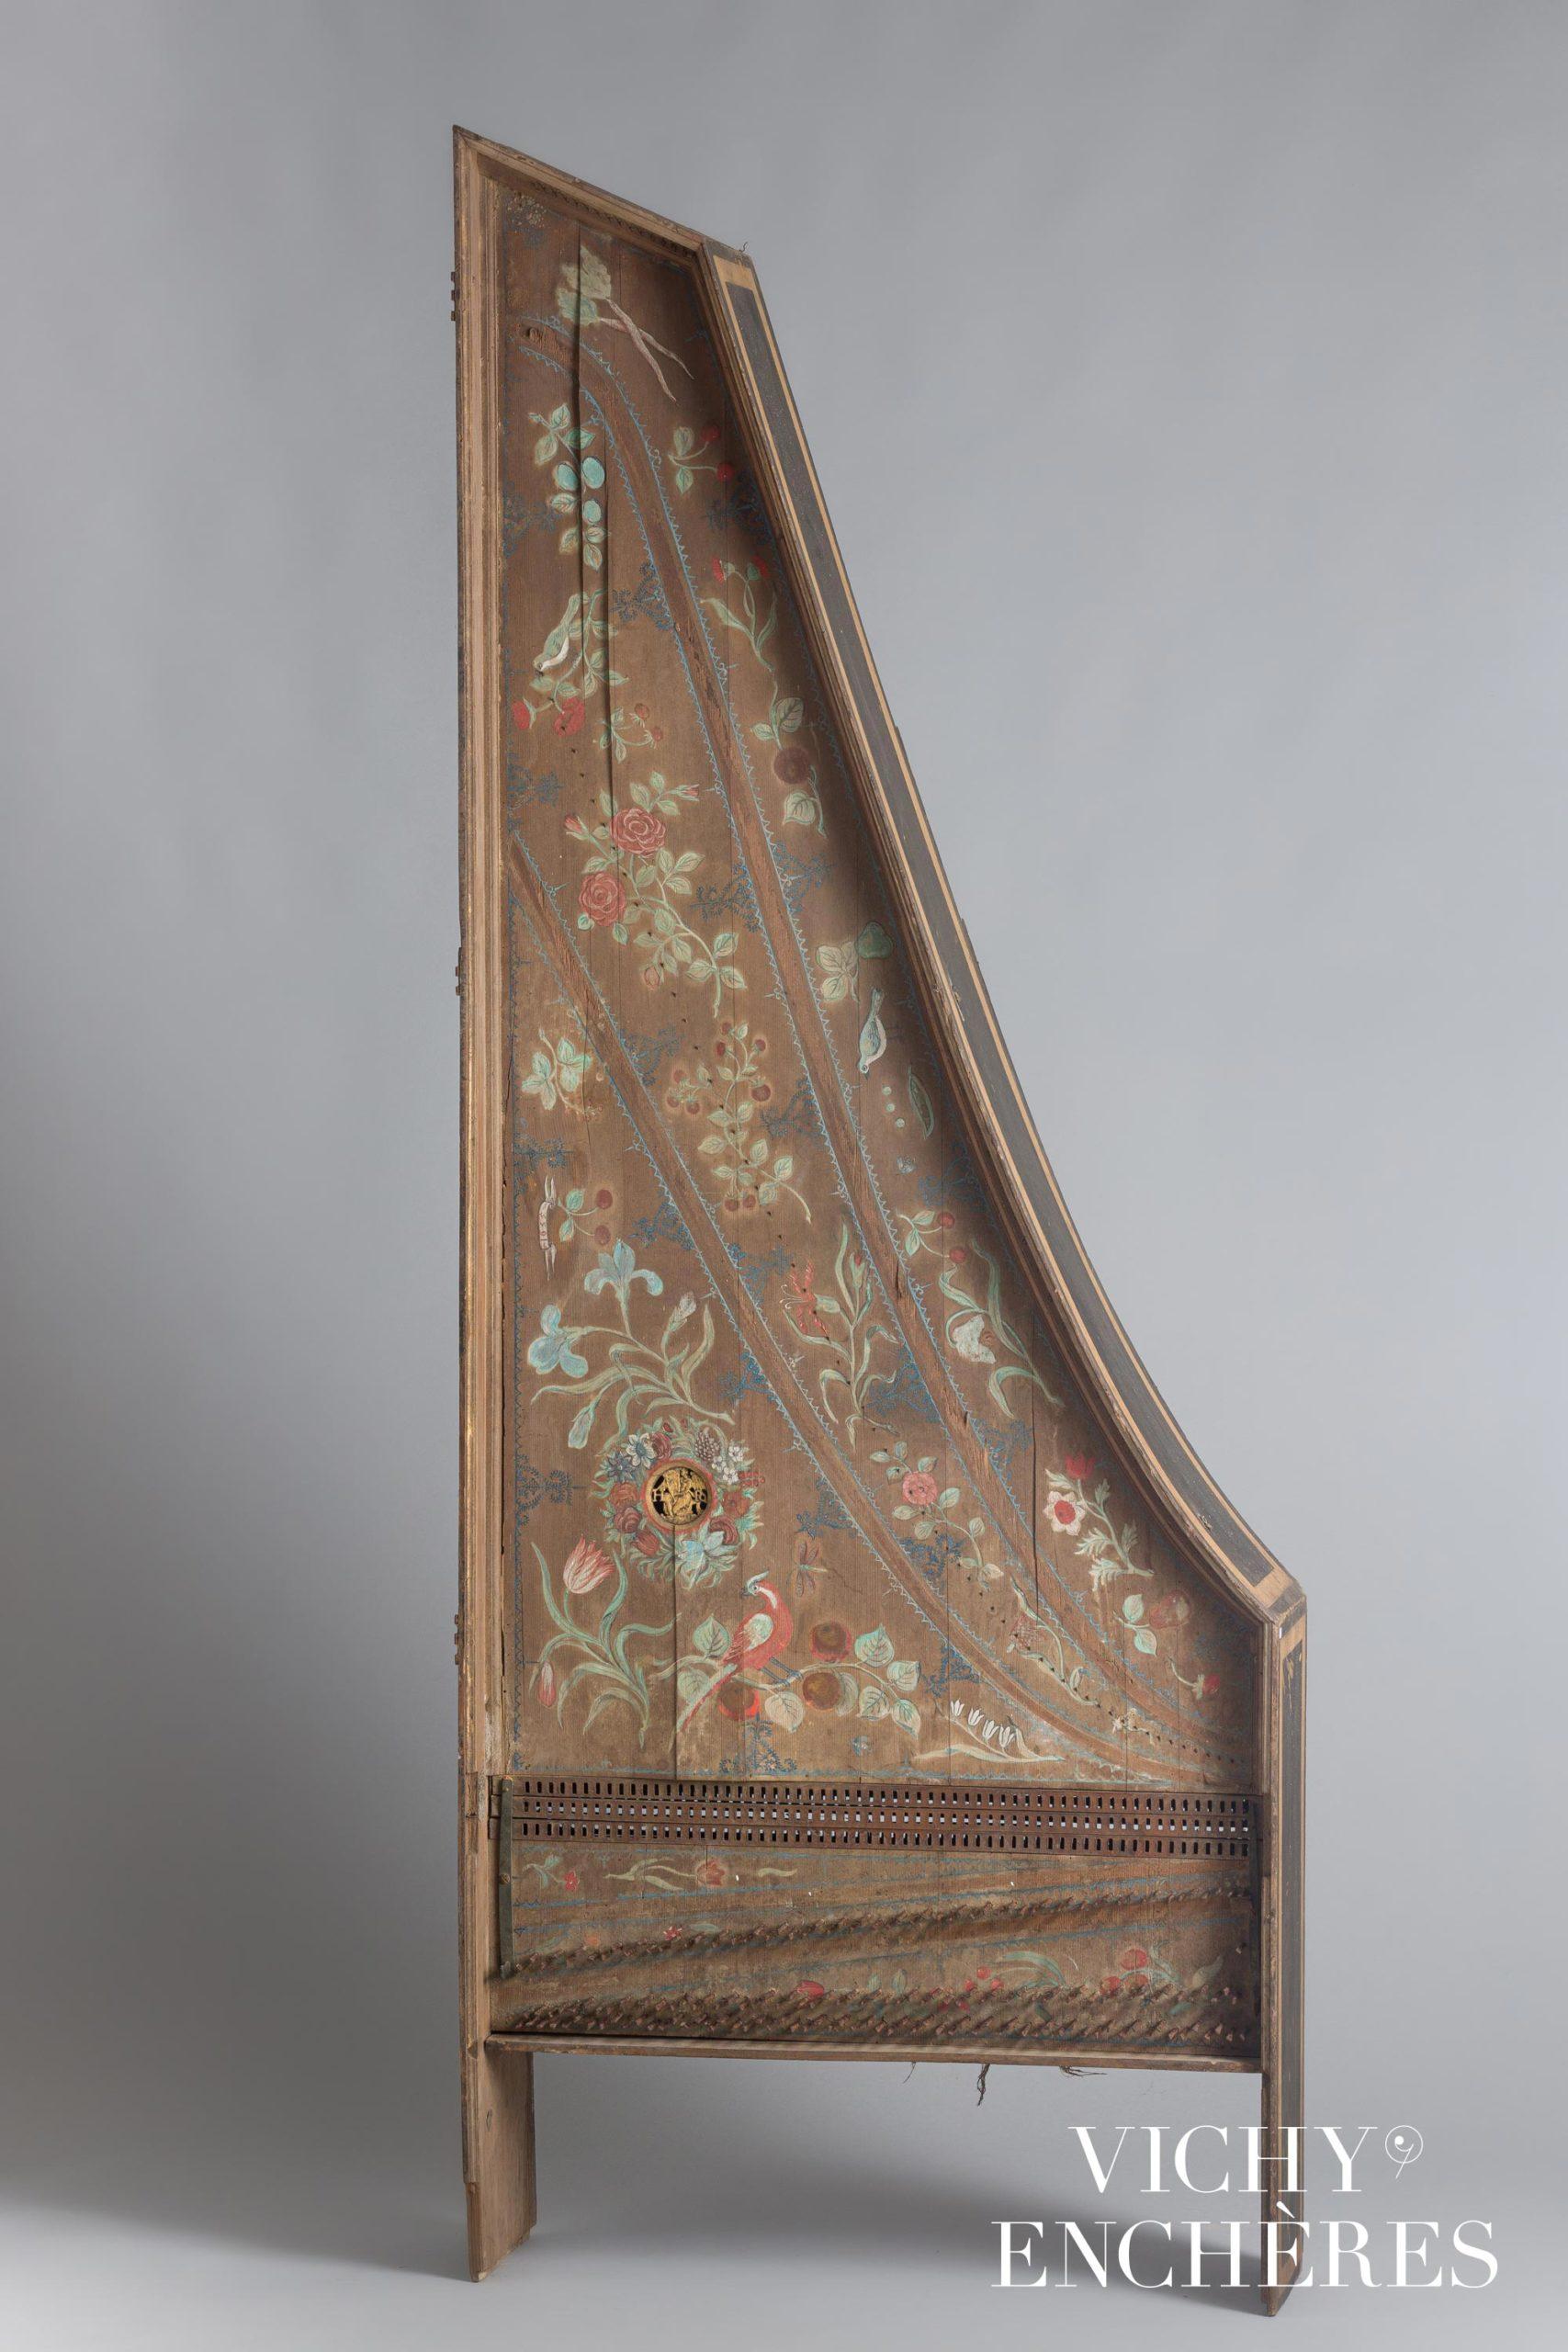 Caisse de clavecin avec sa table d'harmonie, France vers 1750